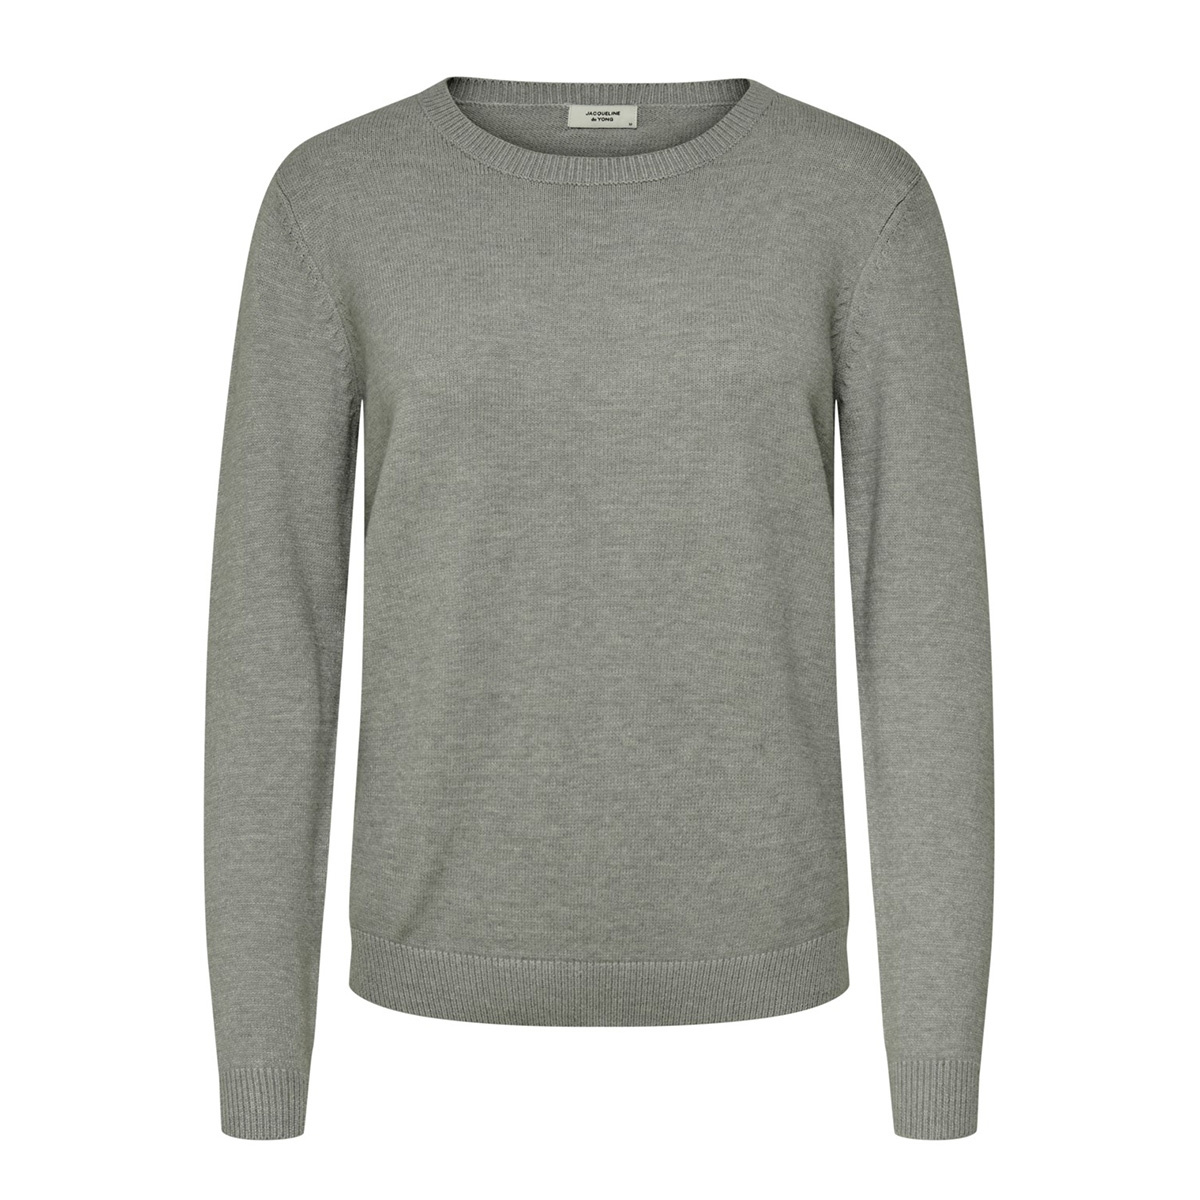 jdymarco l/s pullover knt noos 15185762 jacqueline de yong trui scarab/melange